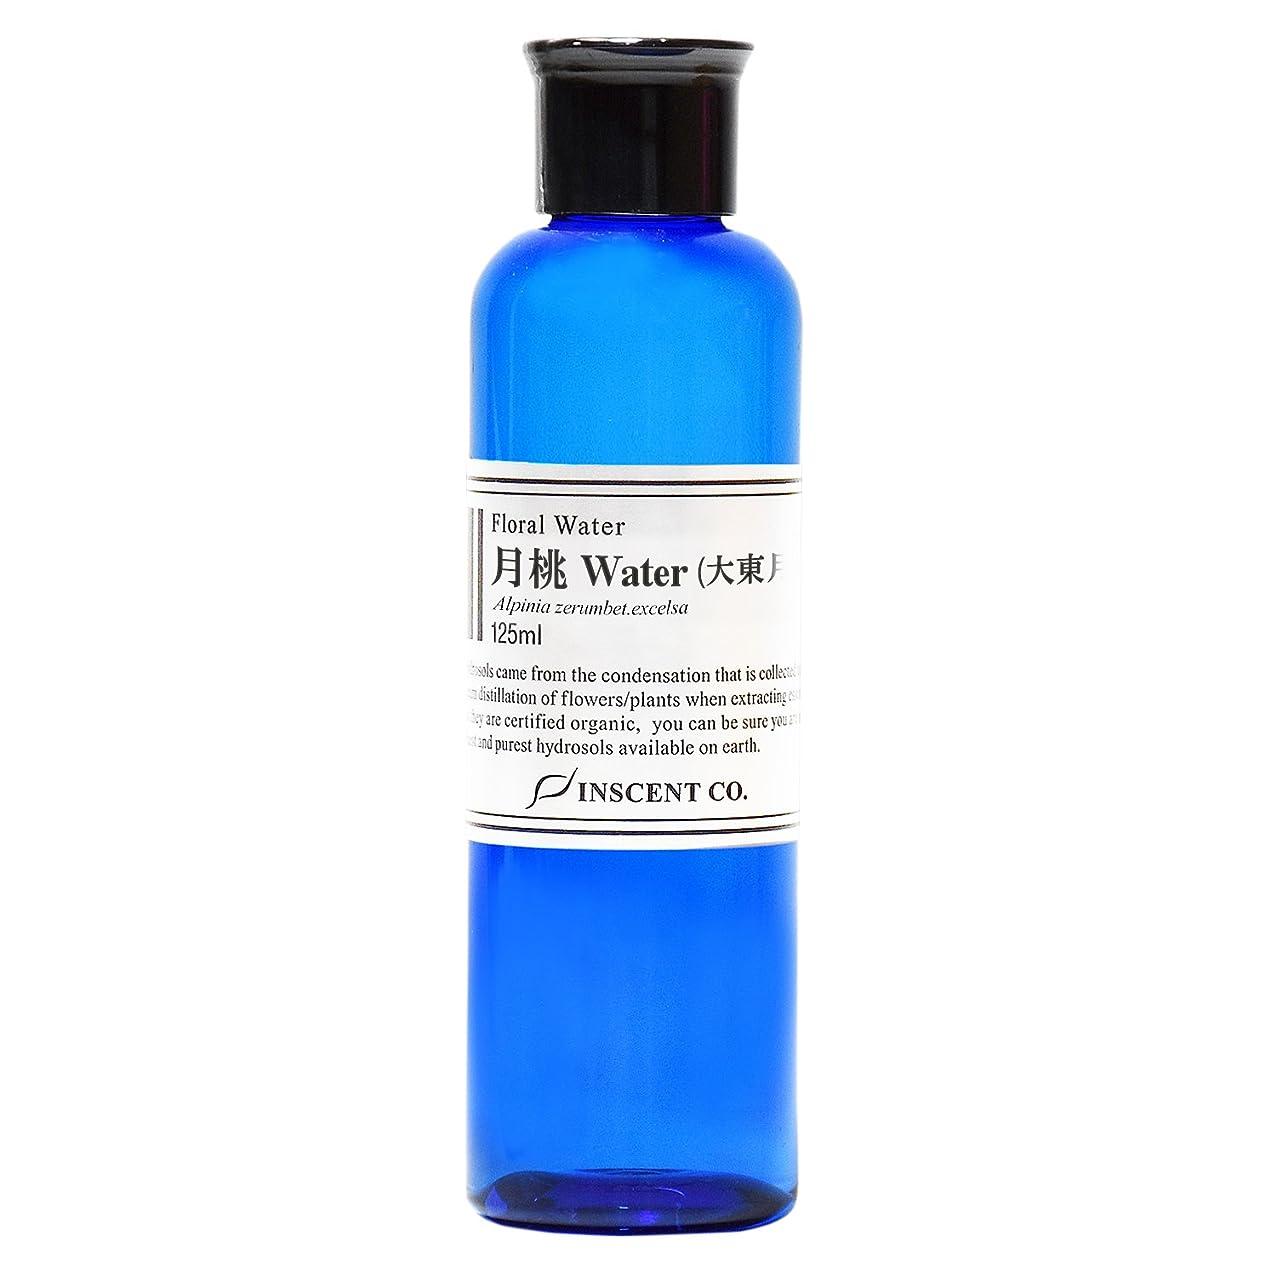 安定すり減る晩ごはんフローラルウォーター 月桃 (げっとう) ウォーター (月桃水) 125ml (ハイドロゾル/芳香蒸留水) ※月桃独特の薬草が焦げたような香りがあります。